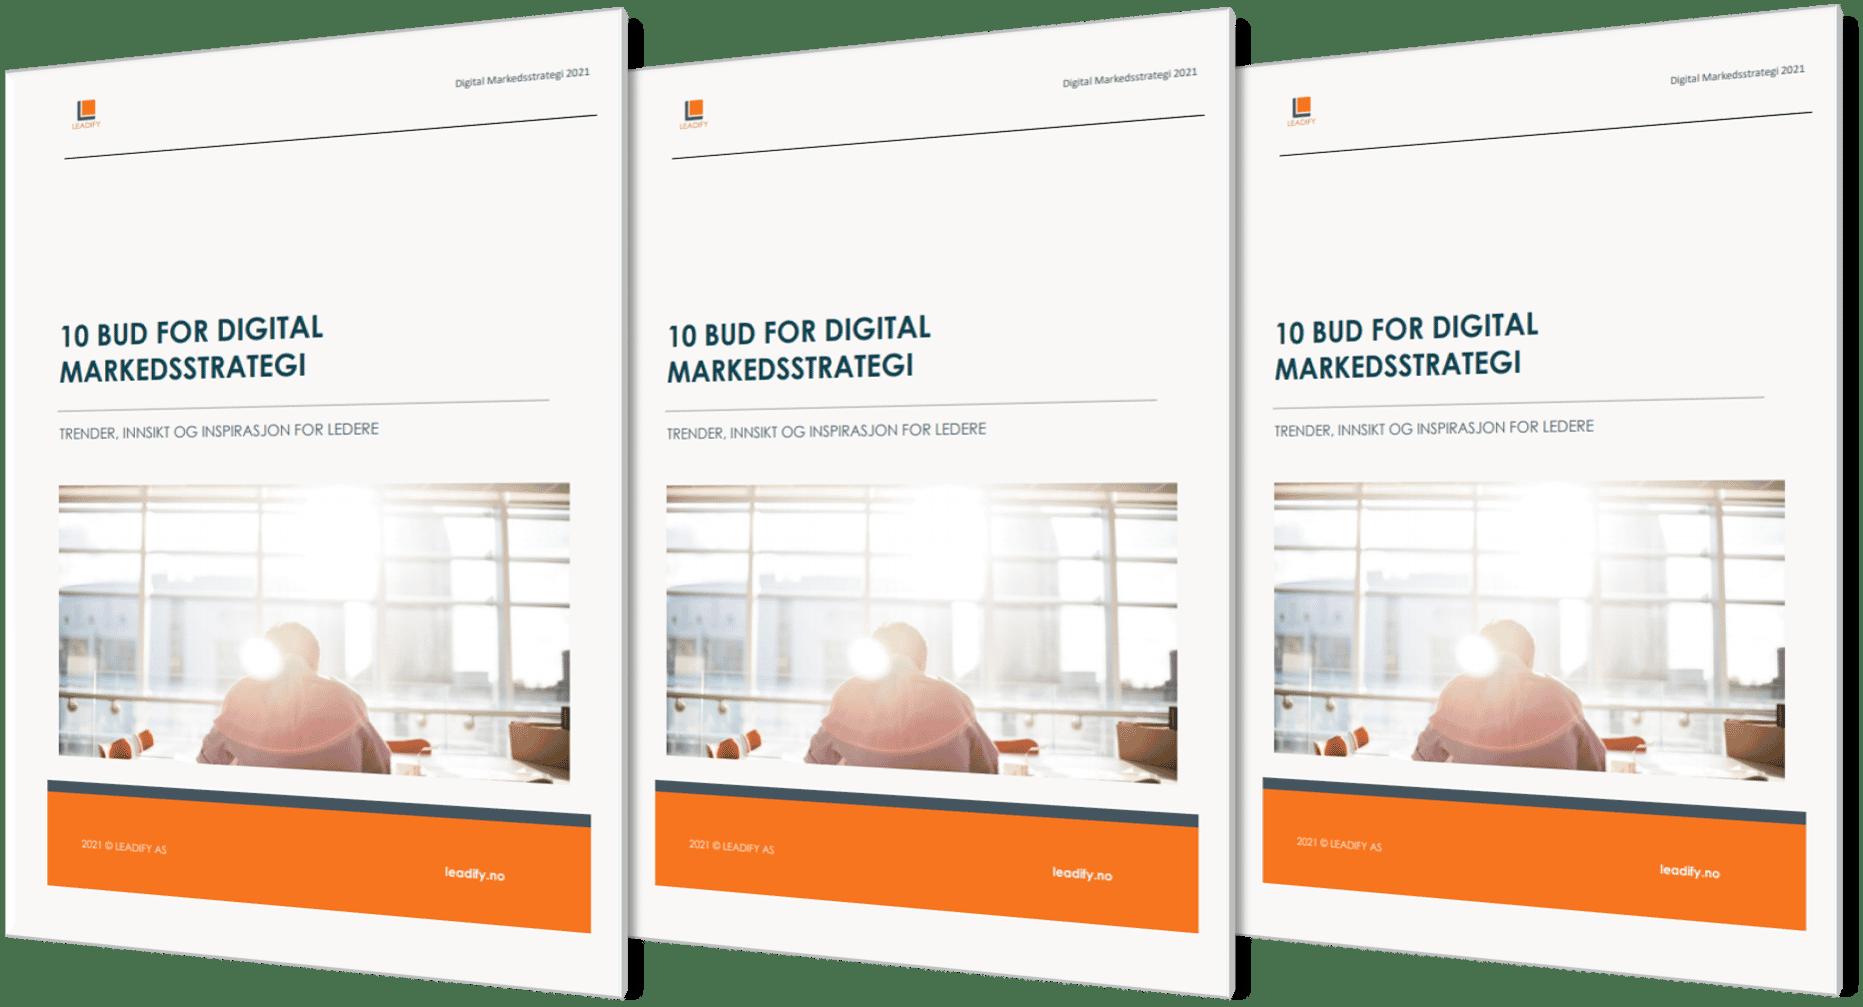 10 bud for Digital Markedsstrategi_3Dx3